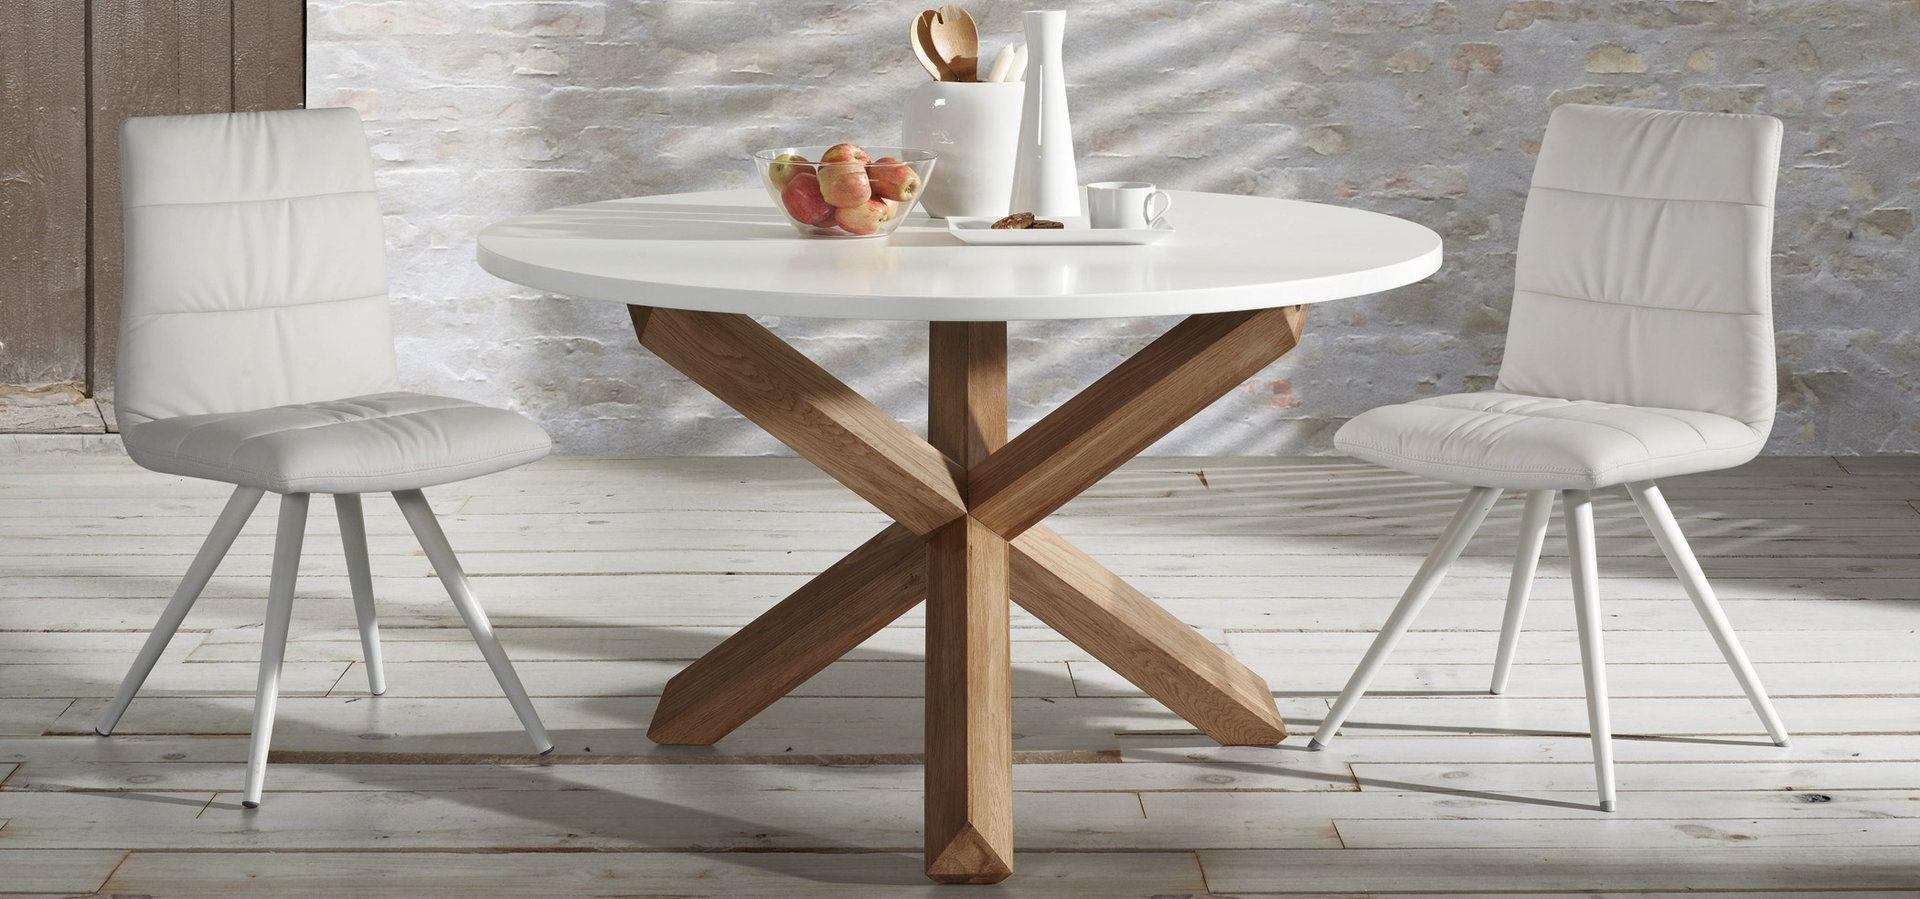 Mesa de comedor moderna redonda nori mesas comedor for Mesa comedor moderna